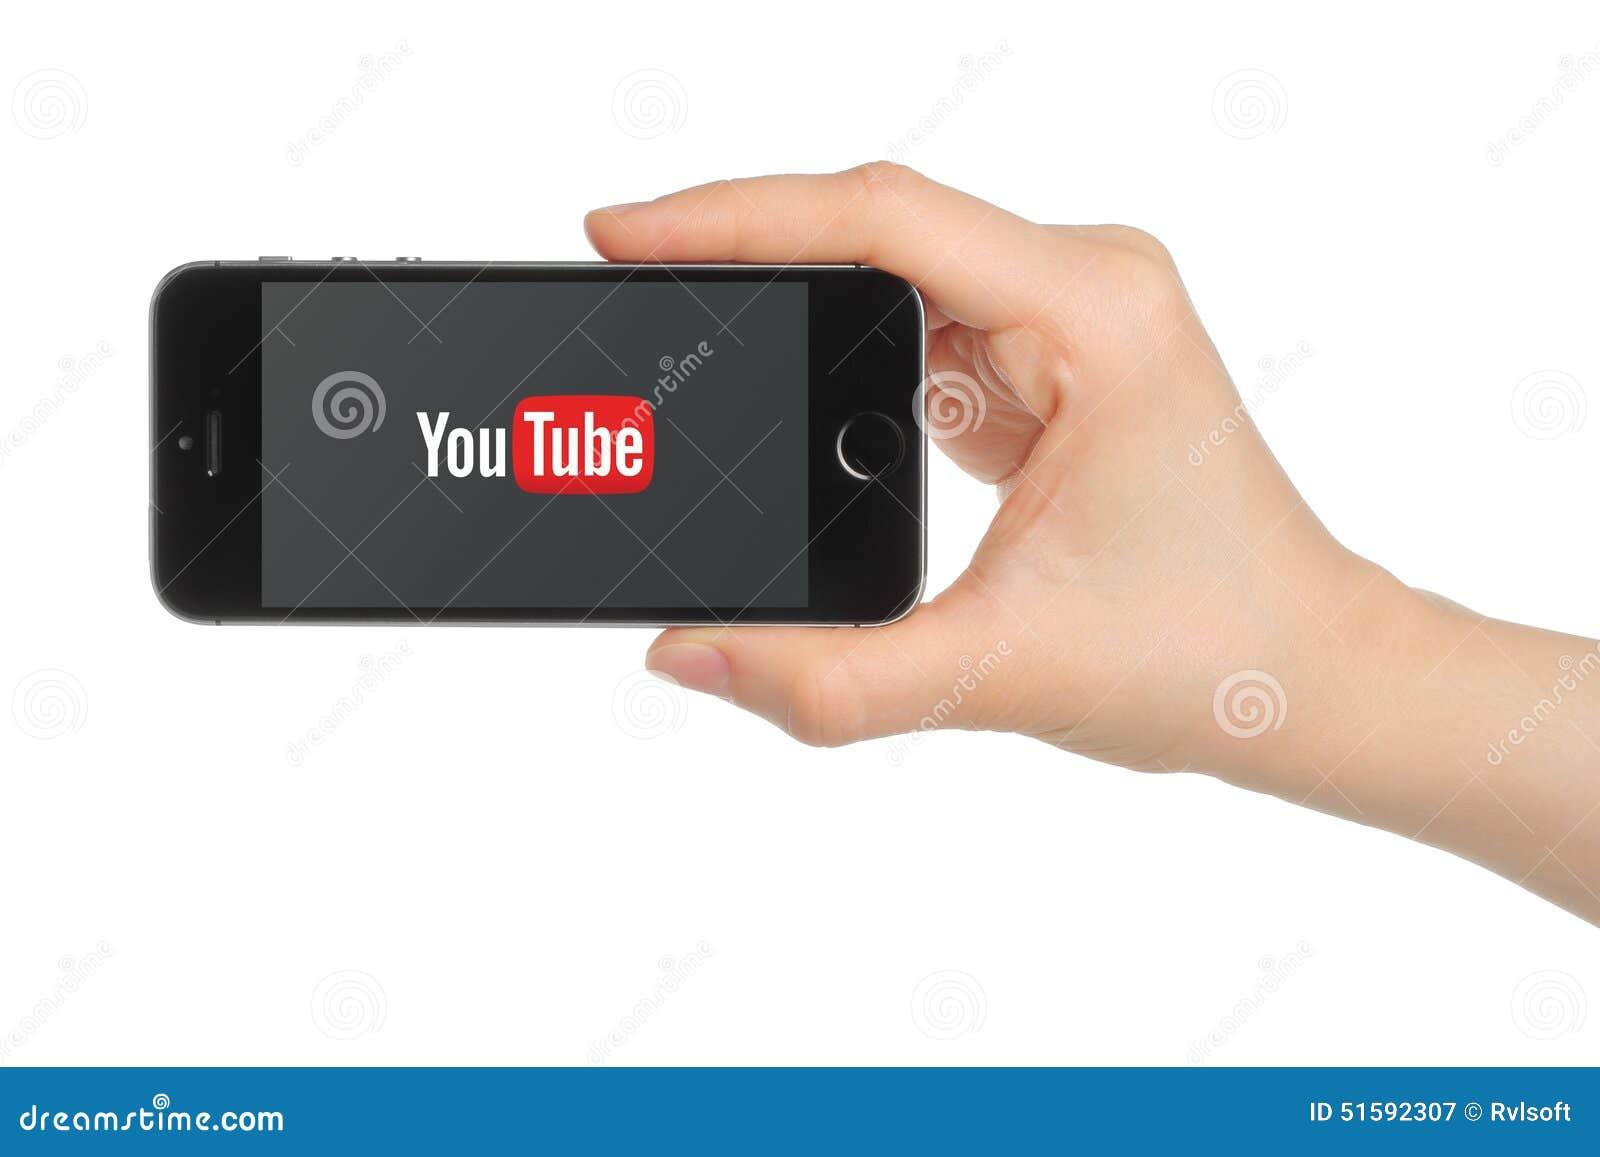 Το χέρι κρατά το διάστημα iPhone 5s γκρίζο με το λογότυπο YouTube στο άσπρο υπόβαθρο